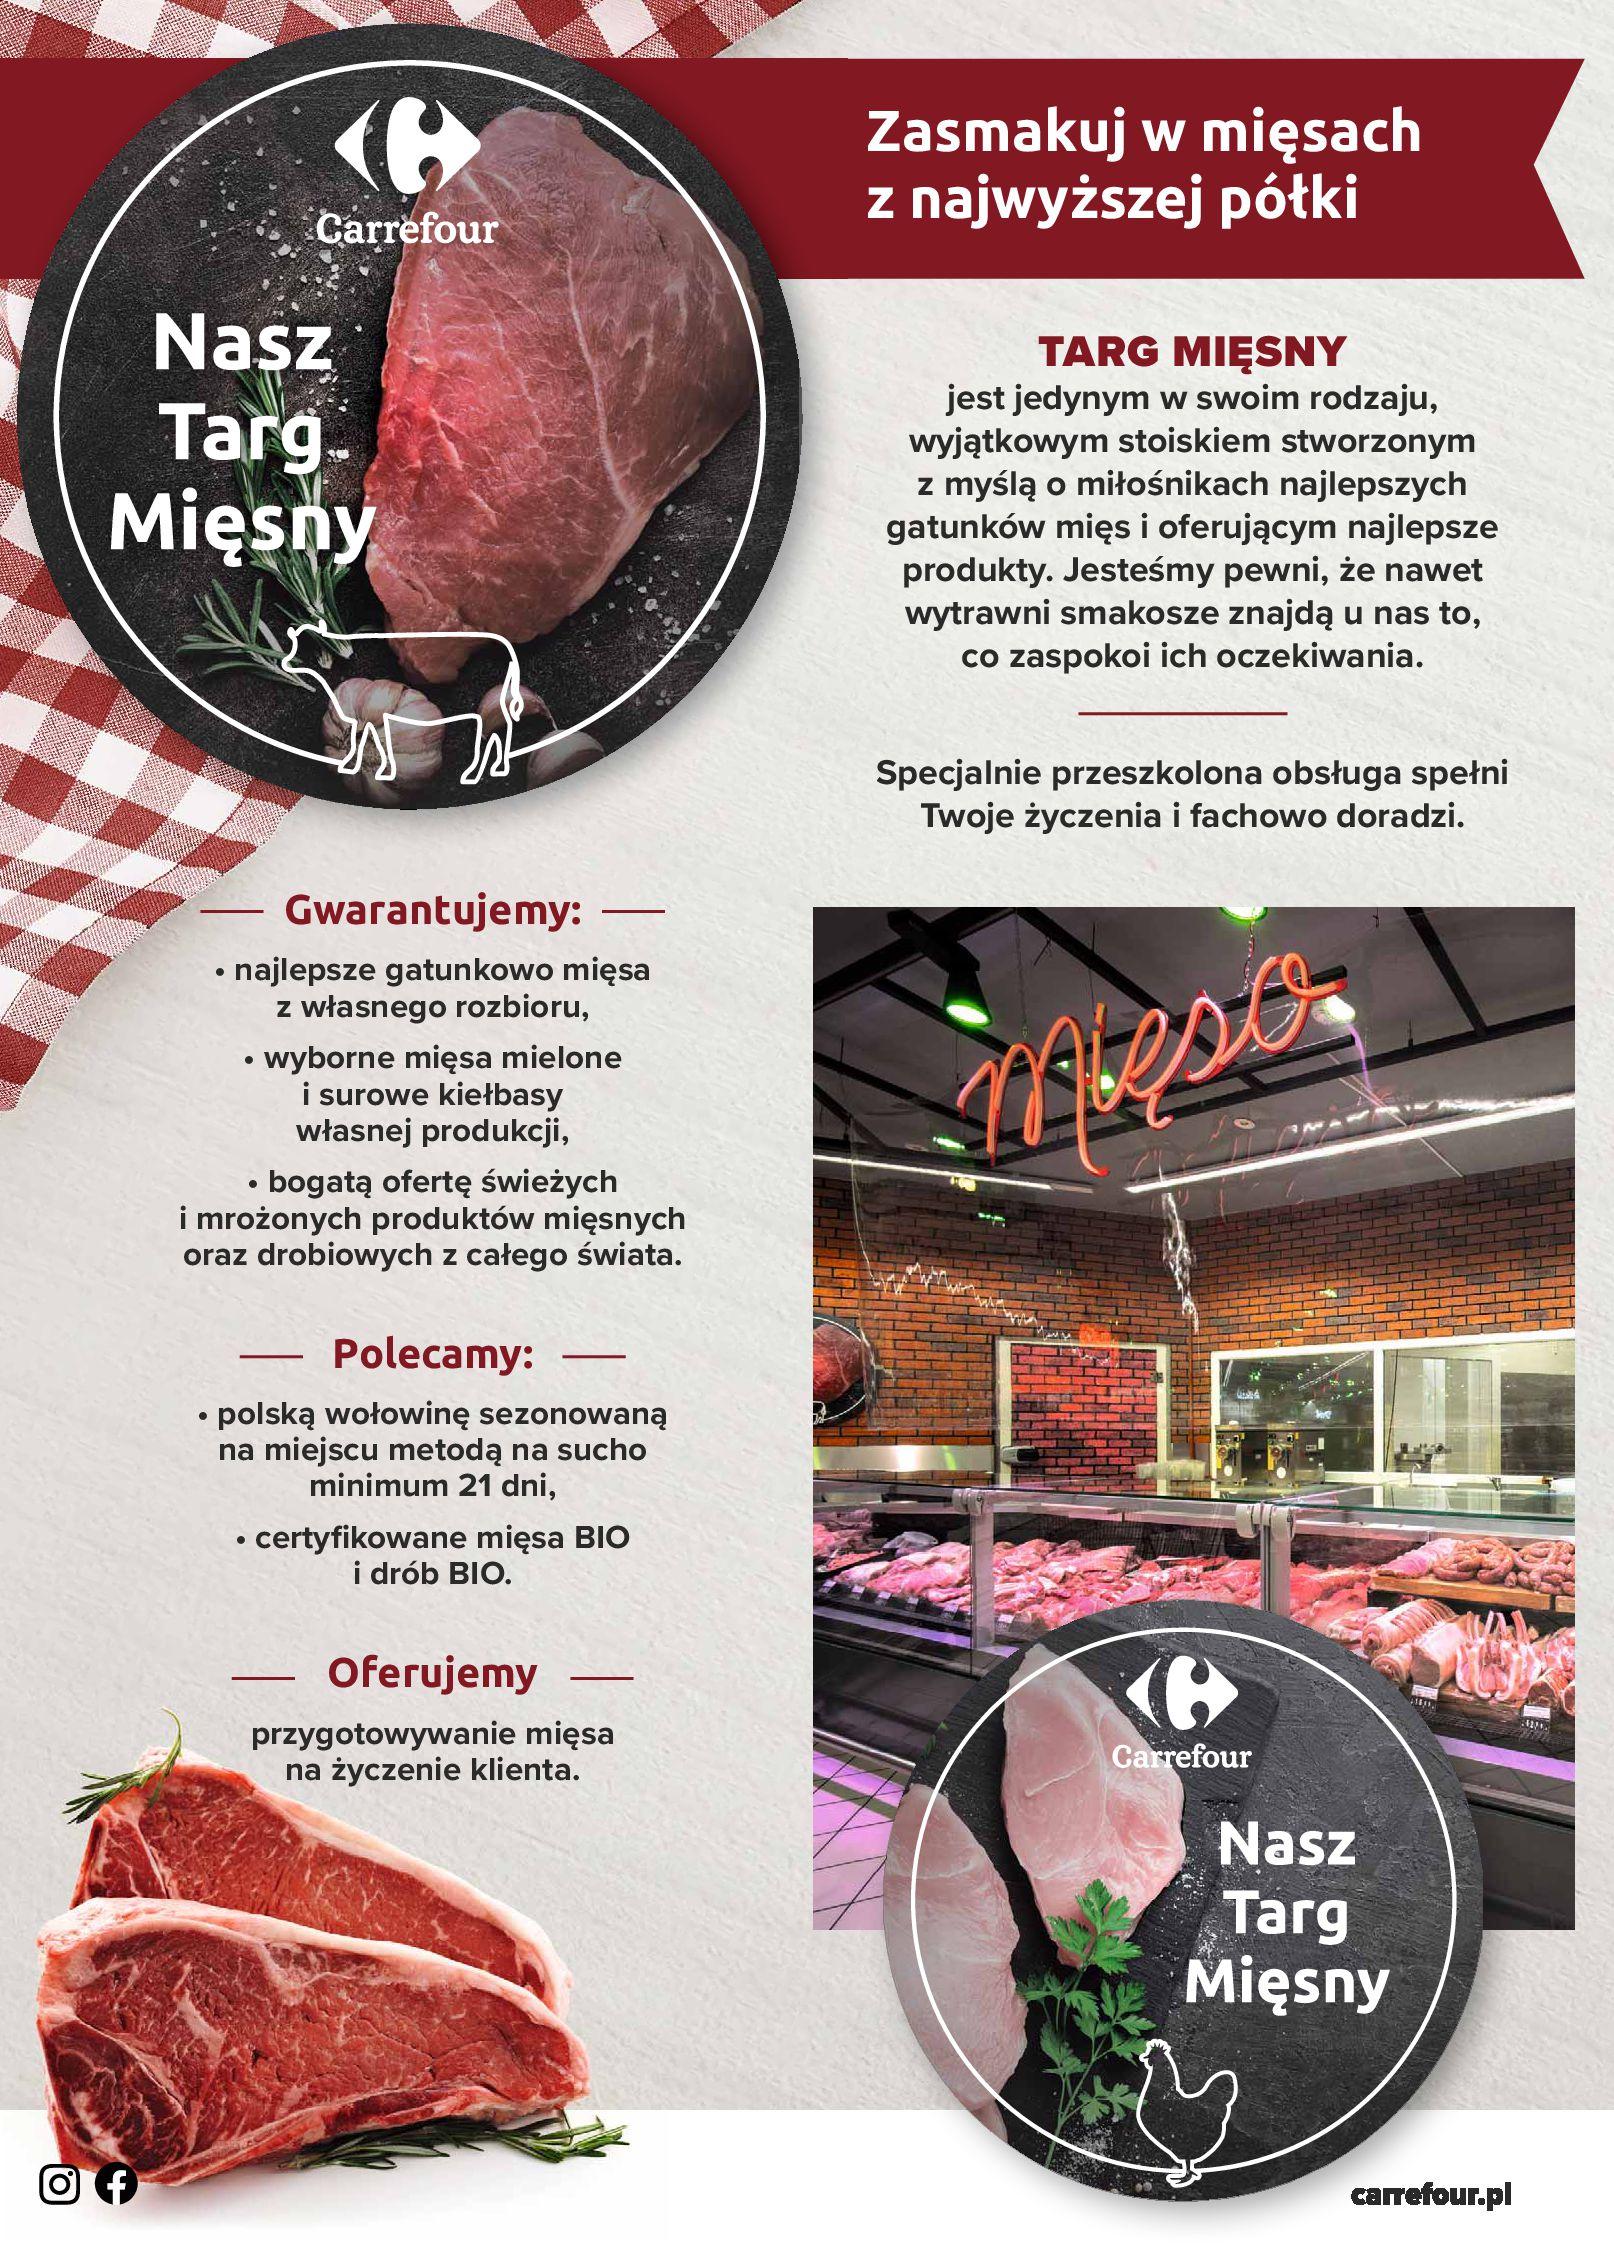 Carrefour:  Targi Mięsa - Carrefour 03.01.2021